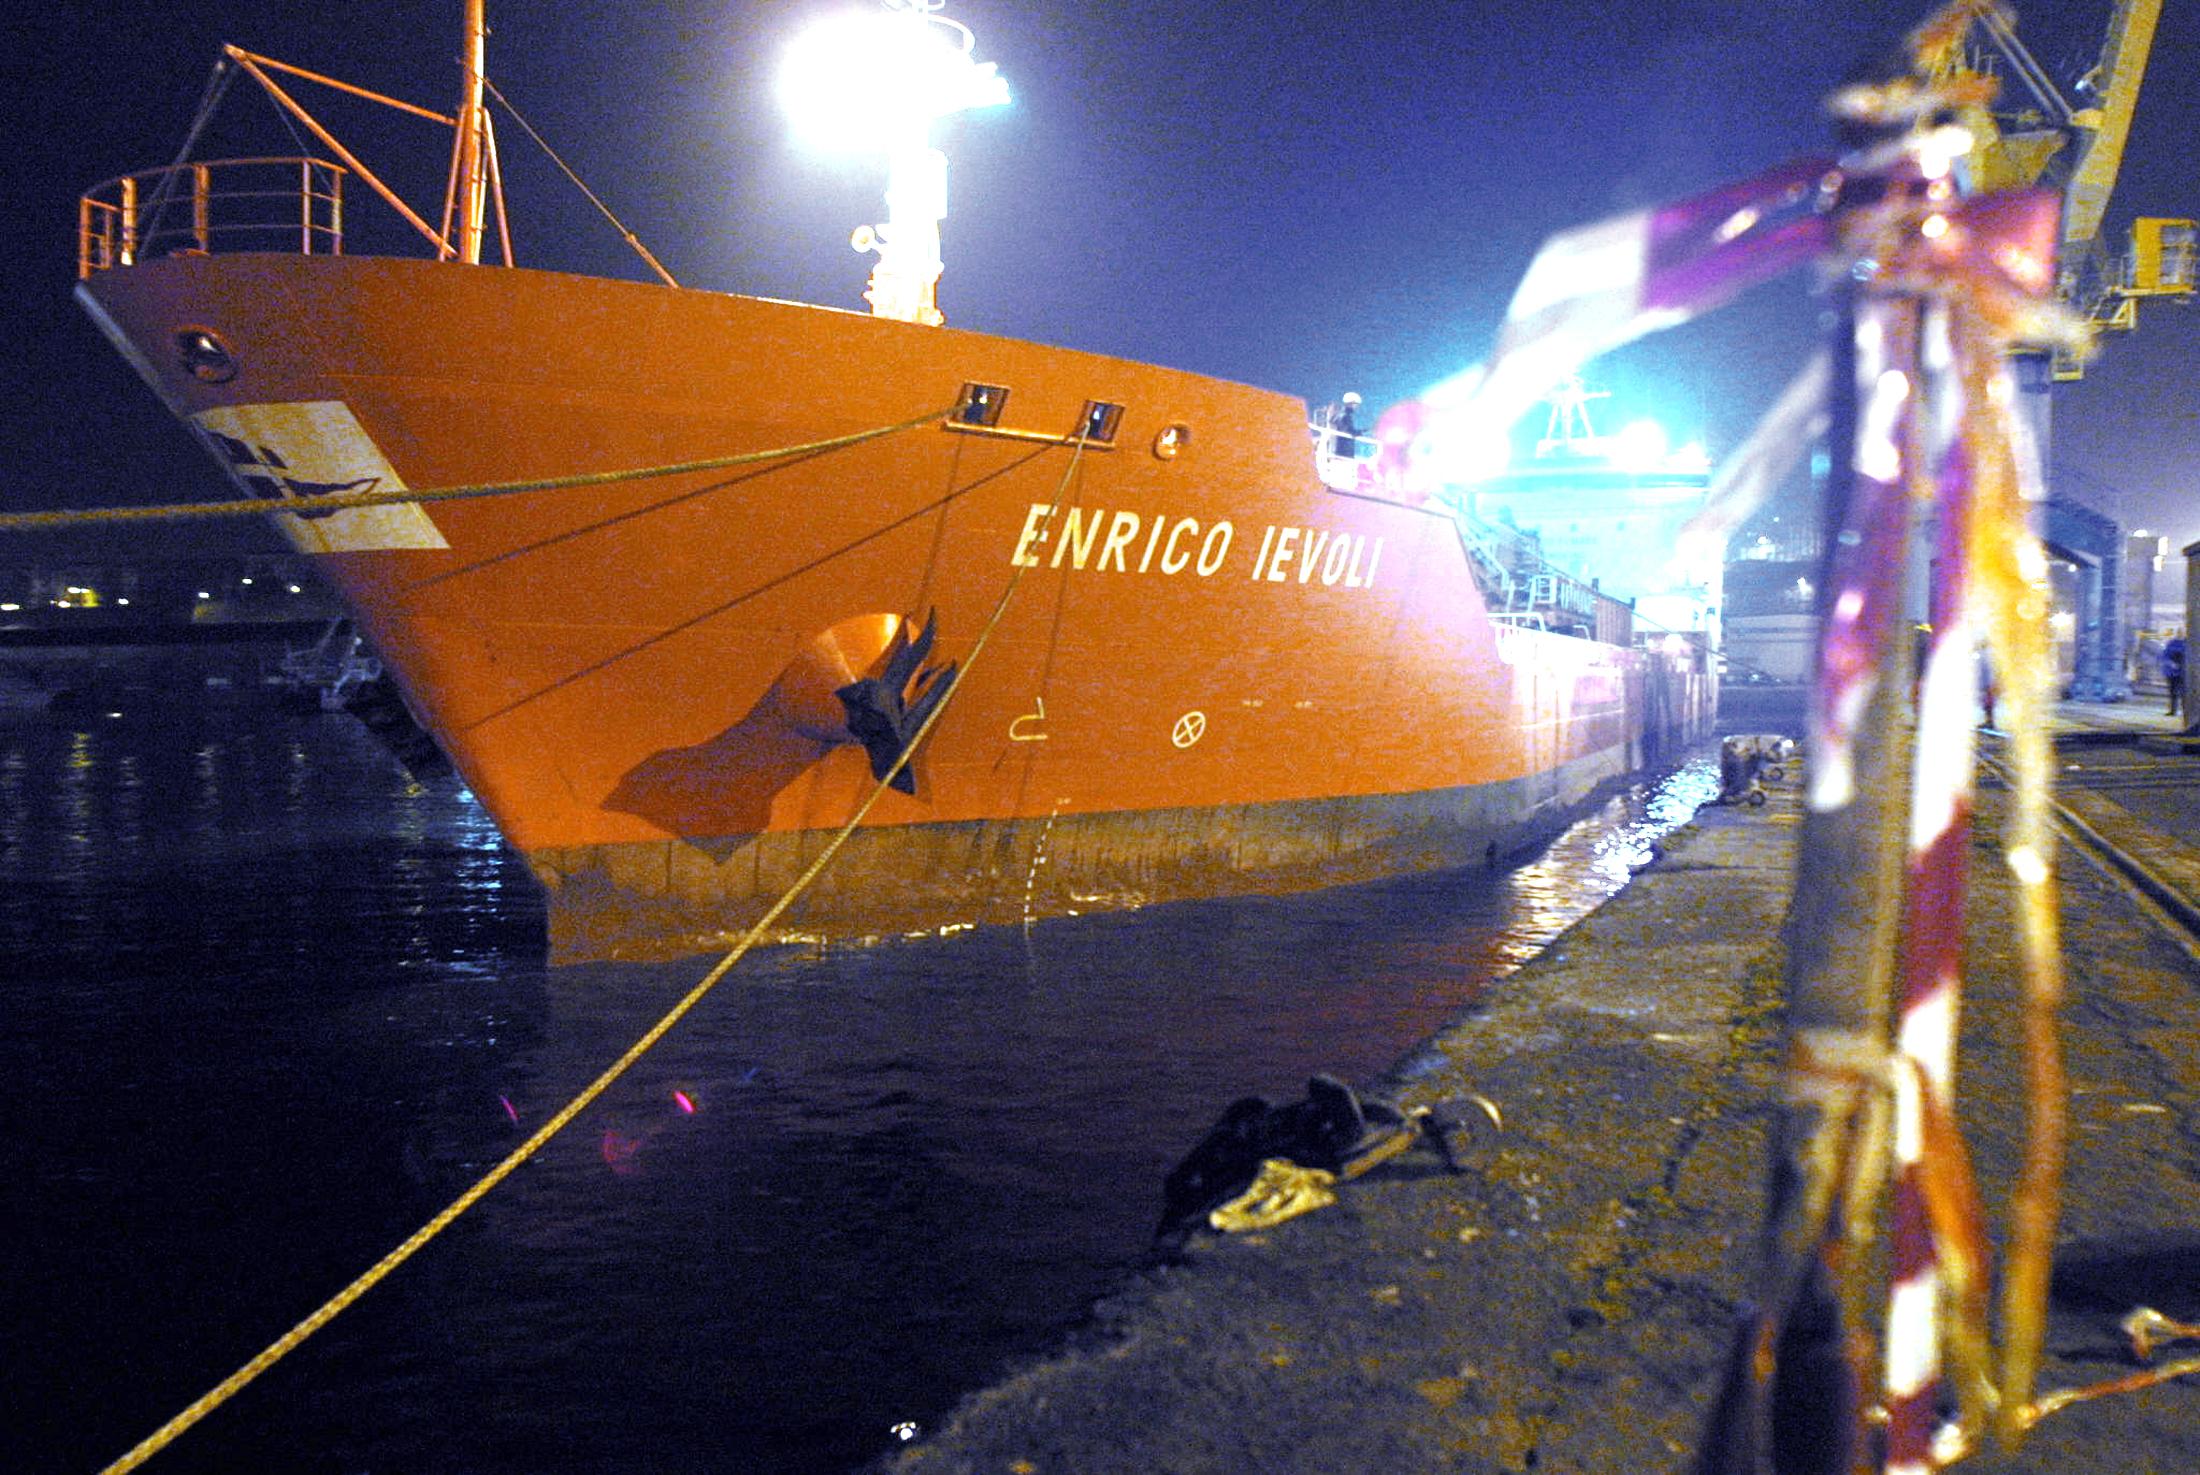 Італійський танкер Enrico Ievoli